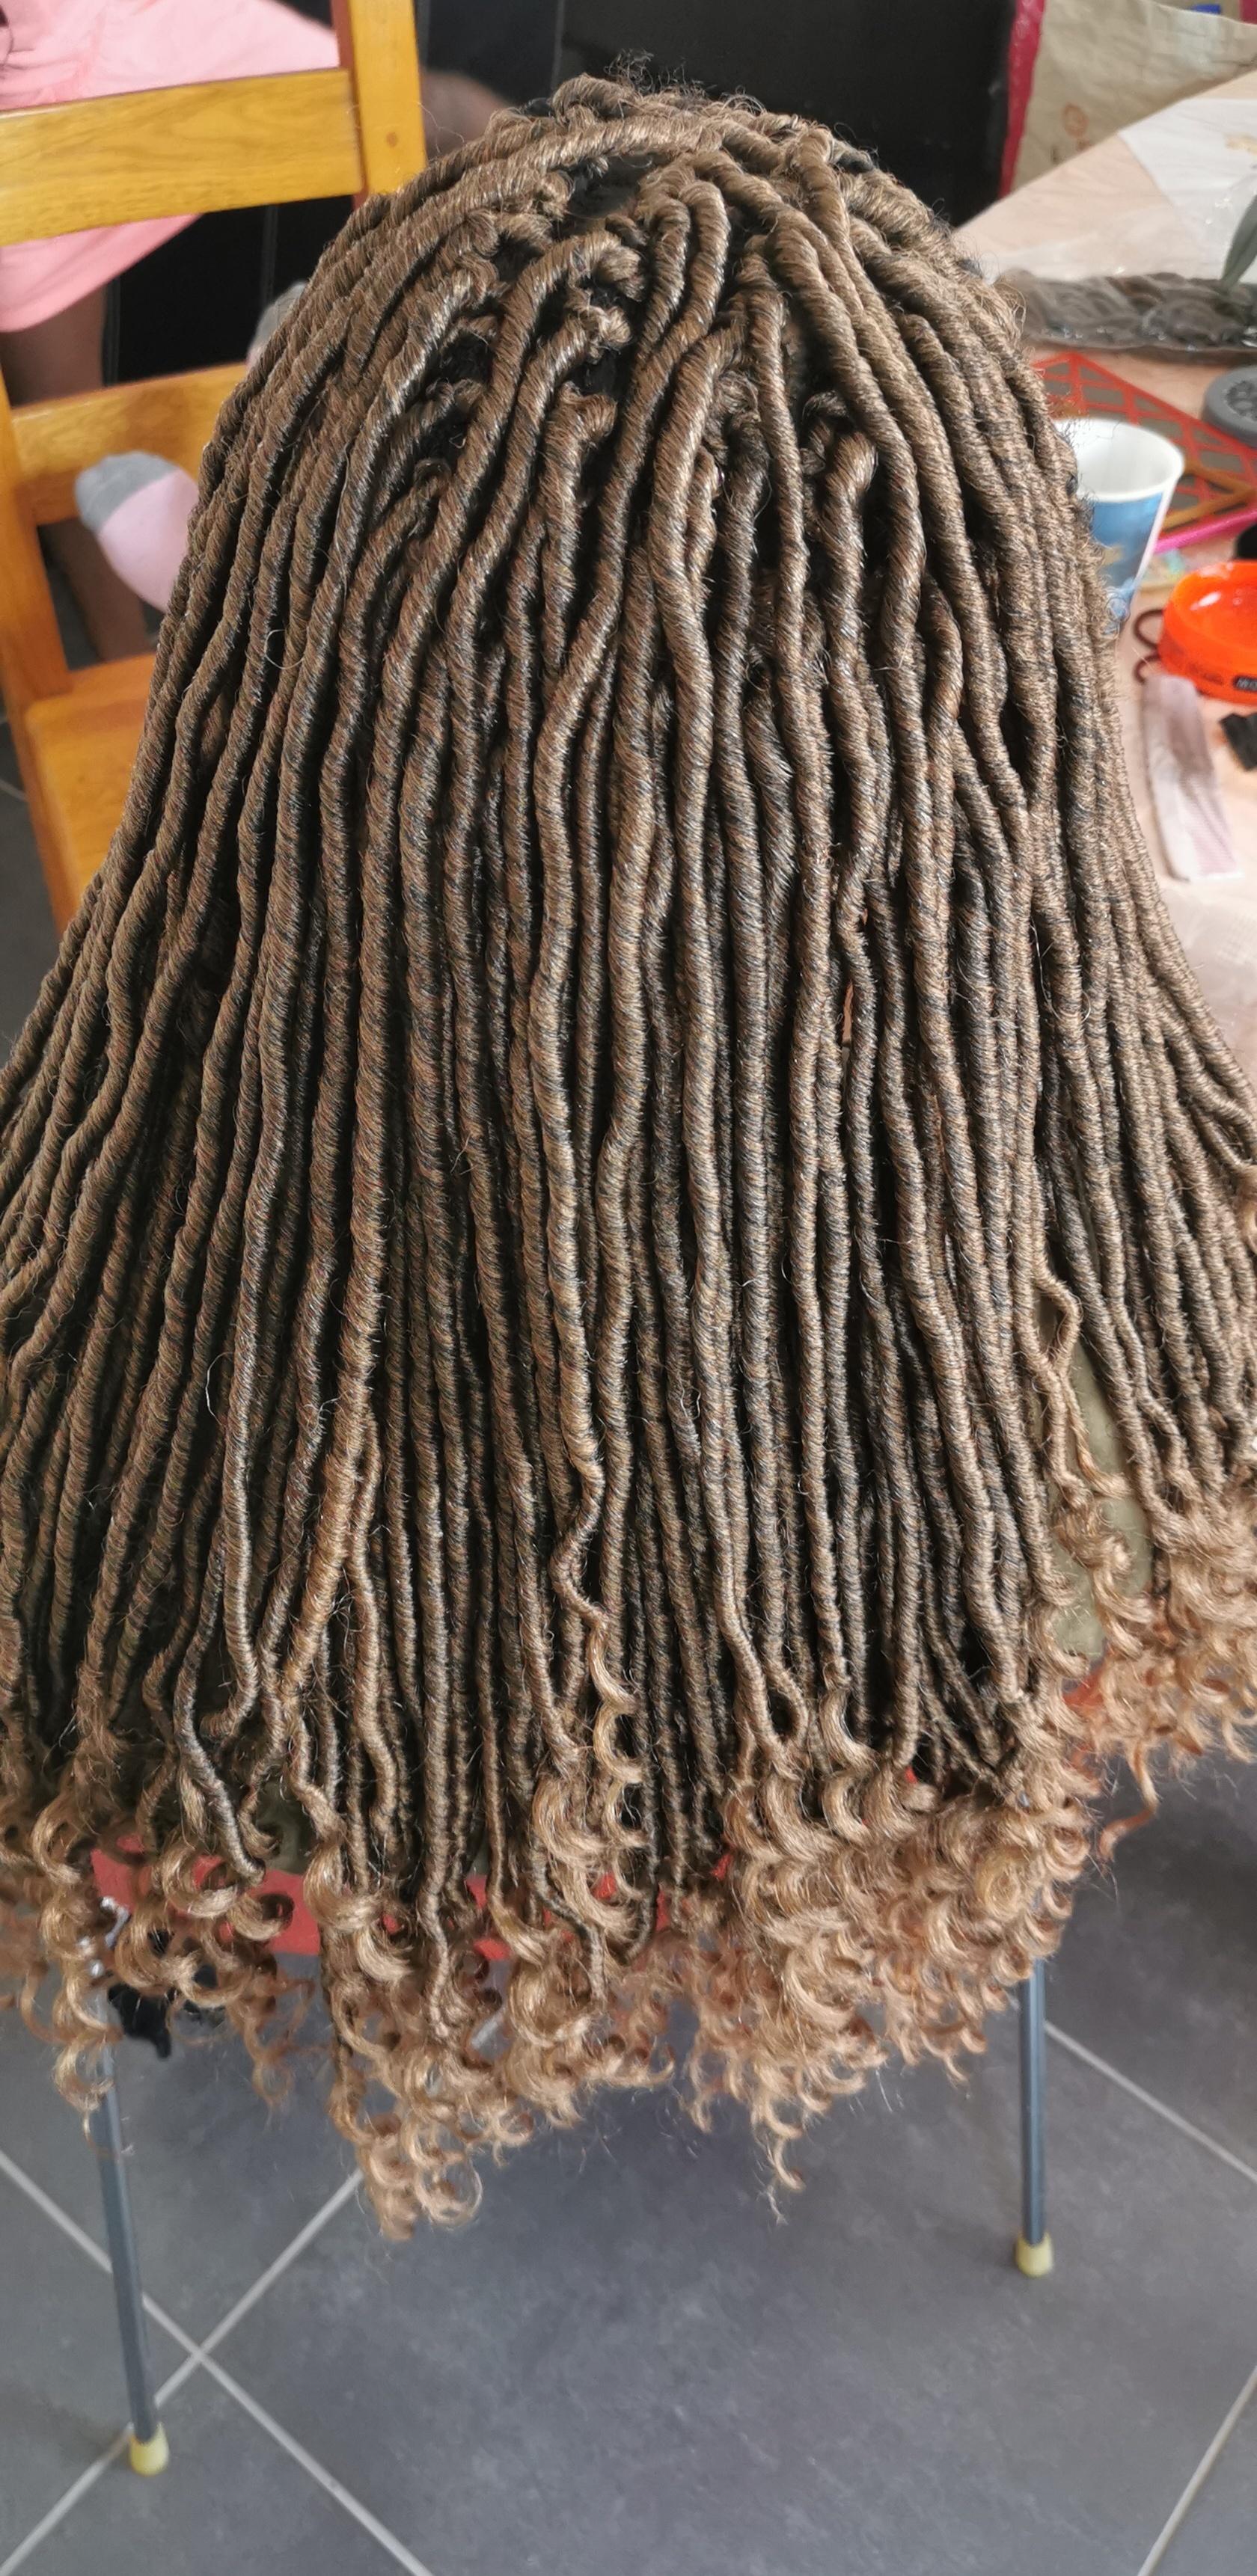 salon de coiffure afro tresse tresses box braids crochet braids vanilles tissages paris 75 77 78 91 92 93 94 95 YGSFADJN